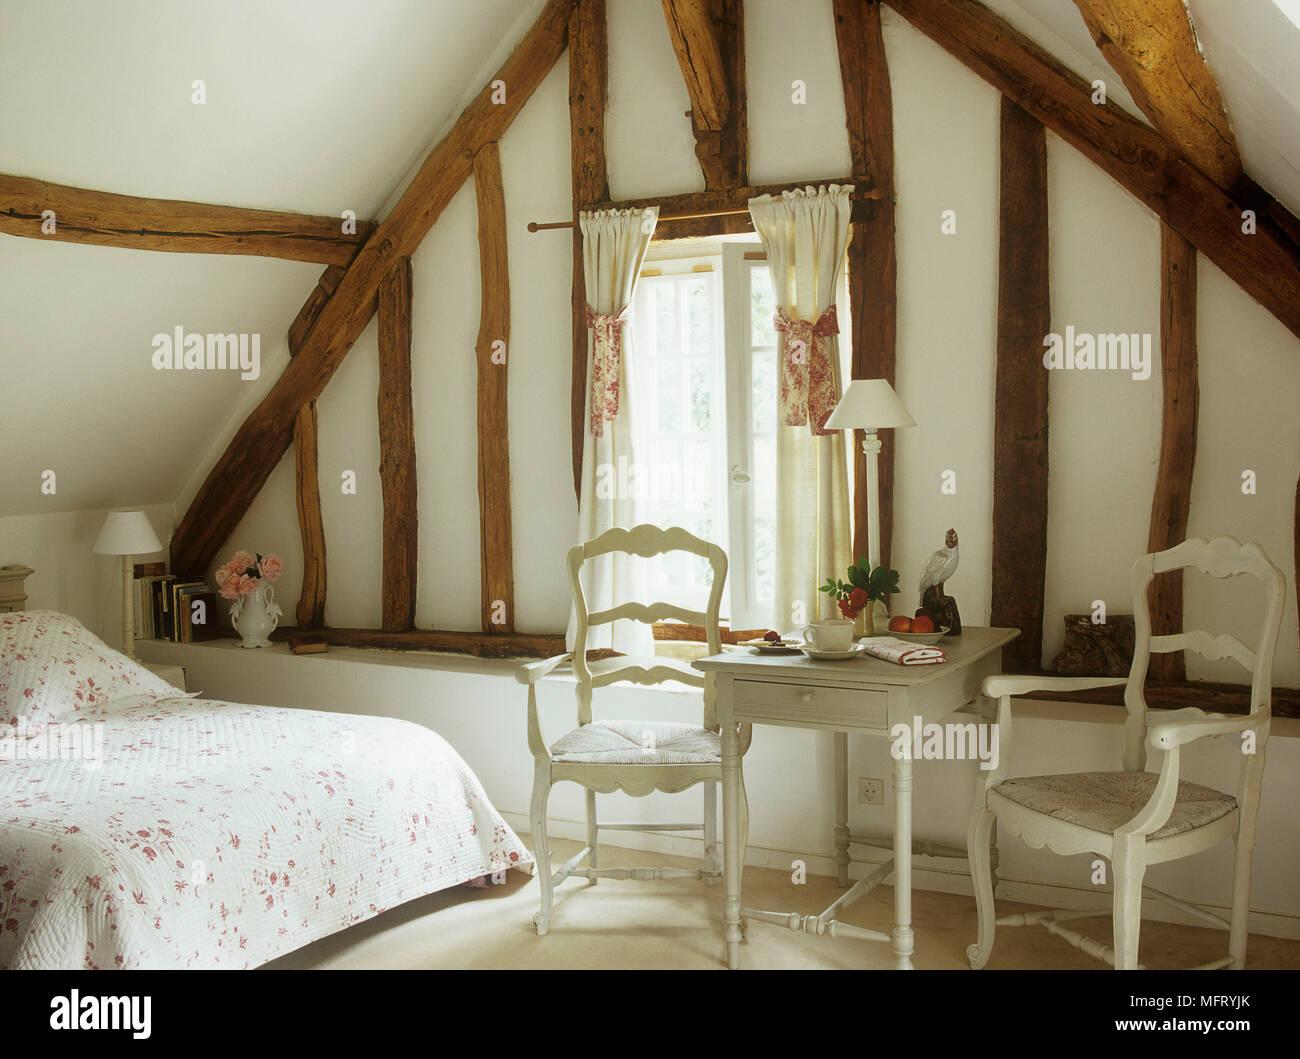 fran ais pays chambres poutres apparentes peintes en blanc et le couvre lit floral lit chaises. Black Bedroom Furniture Sets. Home Design Ideas